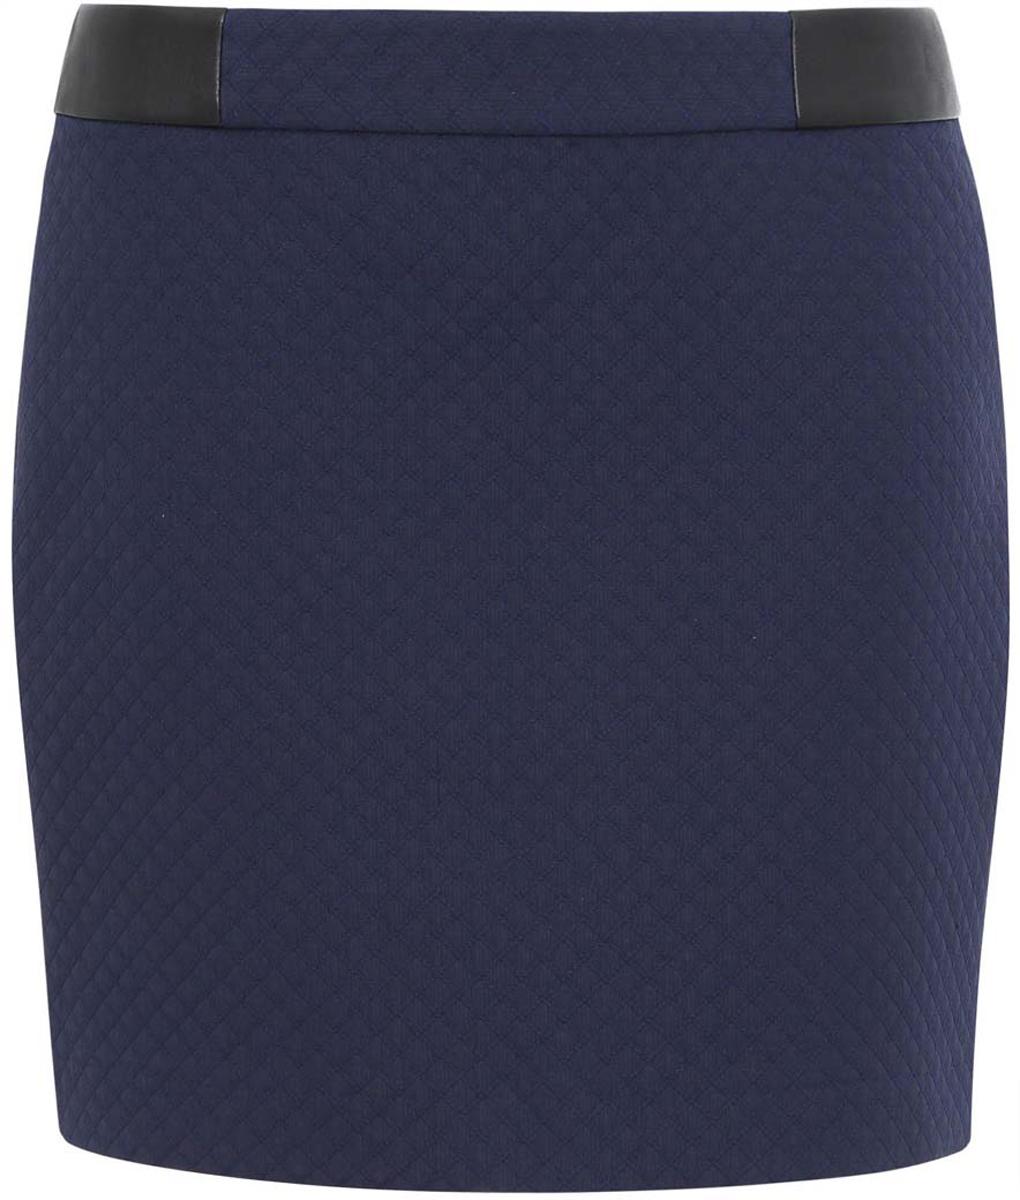 Юбка11601179-6/45270/7900NКороткая юбка прямого силуэта выполнена из высококачественного материала. На поясе юбка дополнена декоративными вставками из искусственной кожи. Сзади модель застегивается на металлическую застежку-молнию.